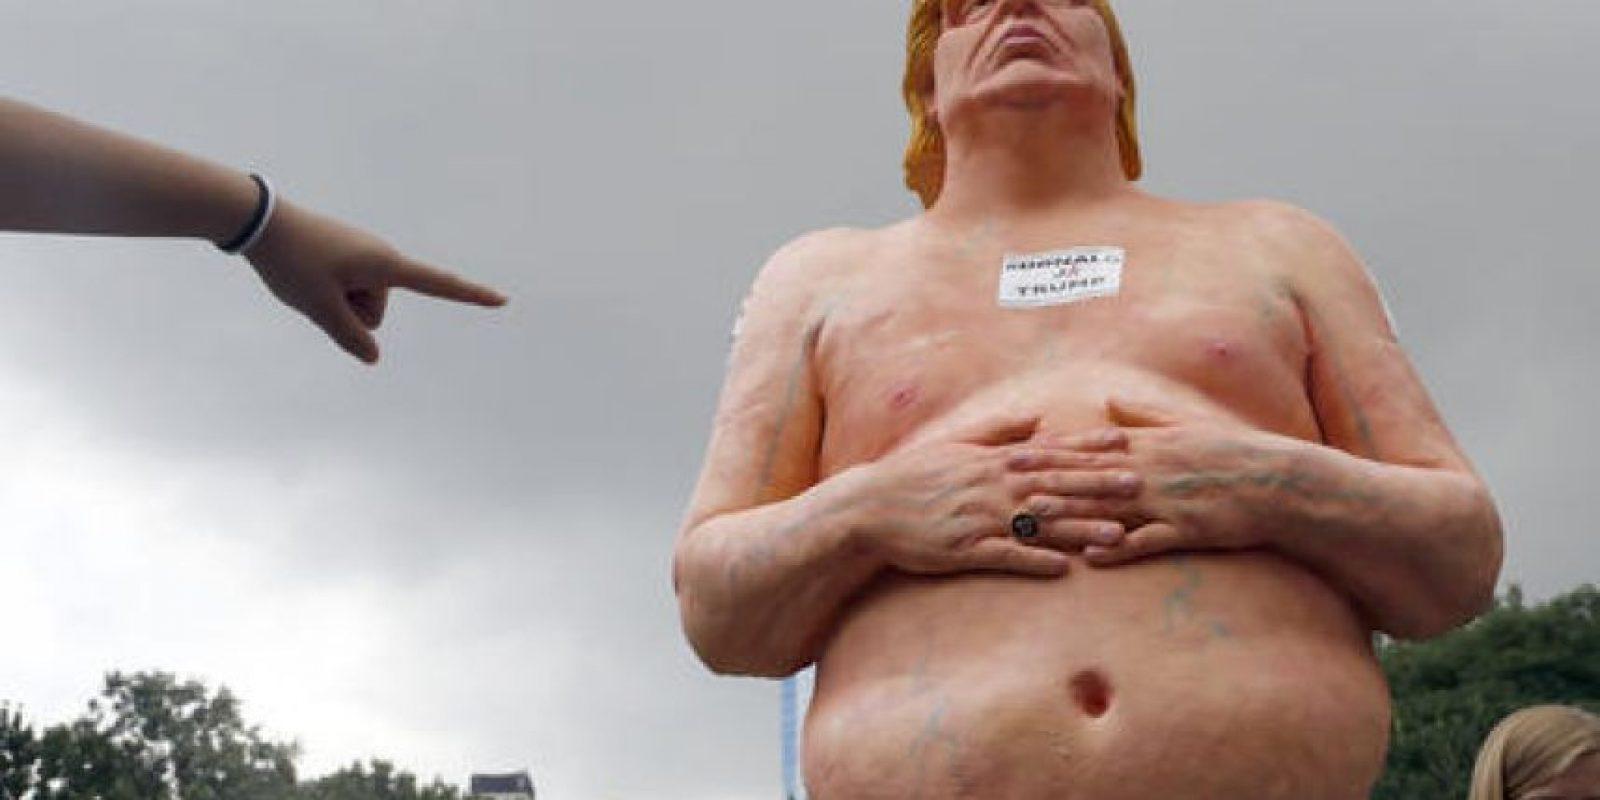 Una mujer señala la estatua del candidato republicano colocada este martes en Union Square, Nueva York. Más tarde la estatua fue removida por las autoridades de dicha ciudad. Foto:AP/ Archivo